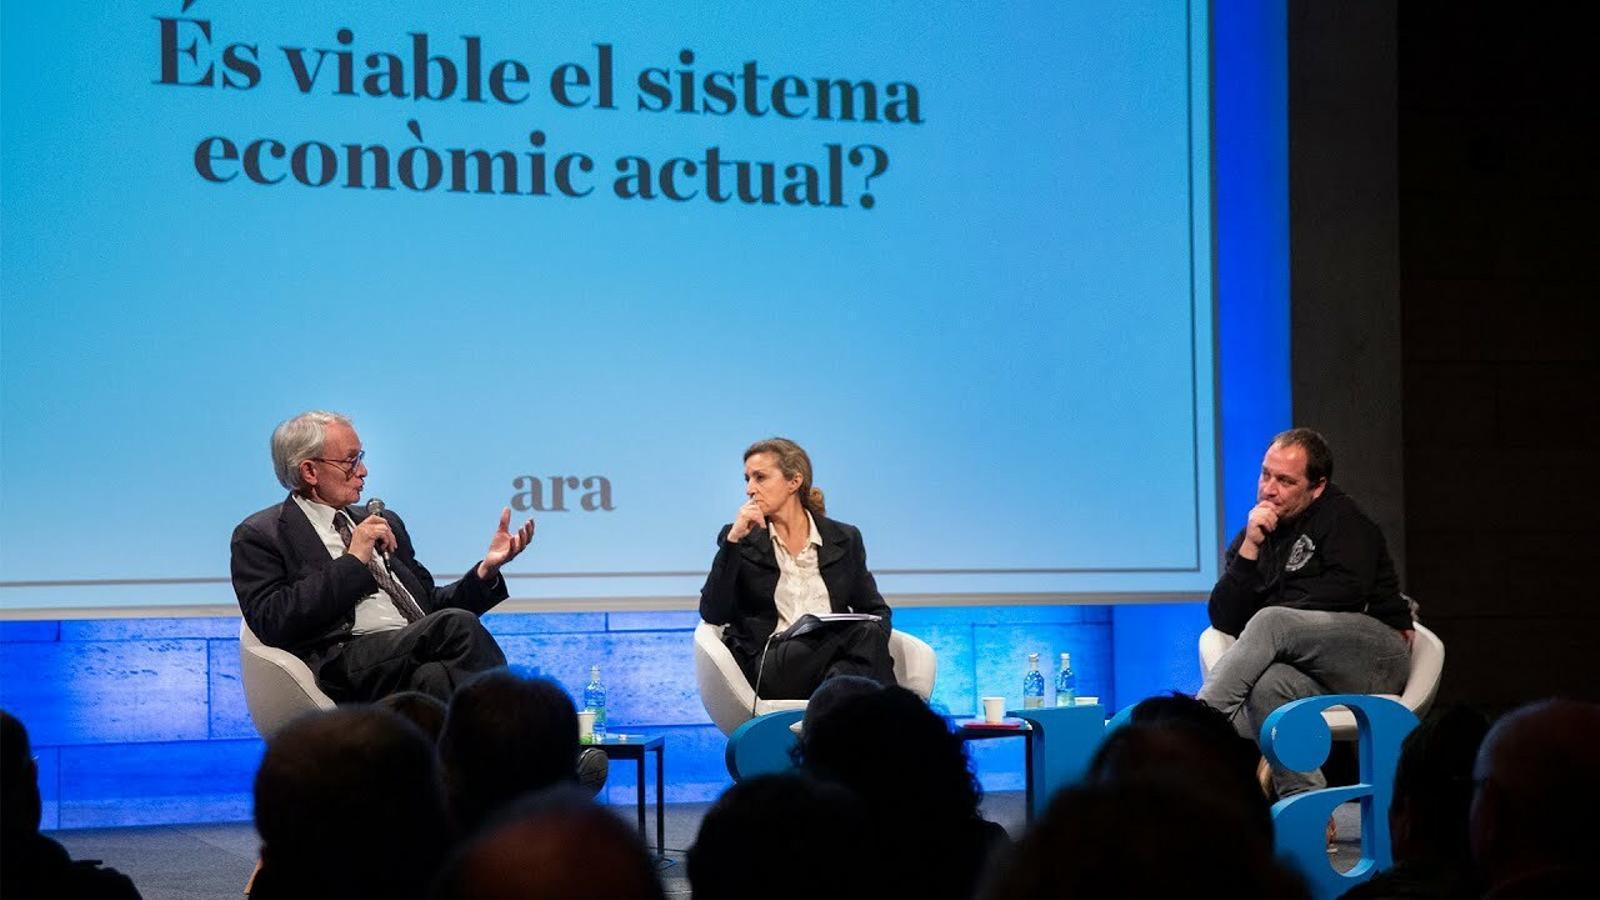 És viable el sistema econòmic actual?